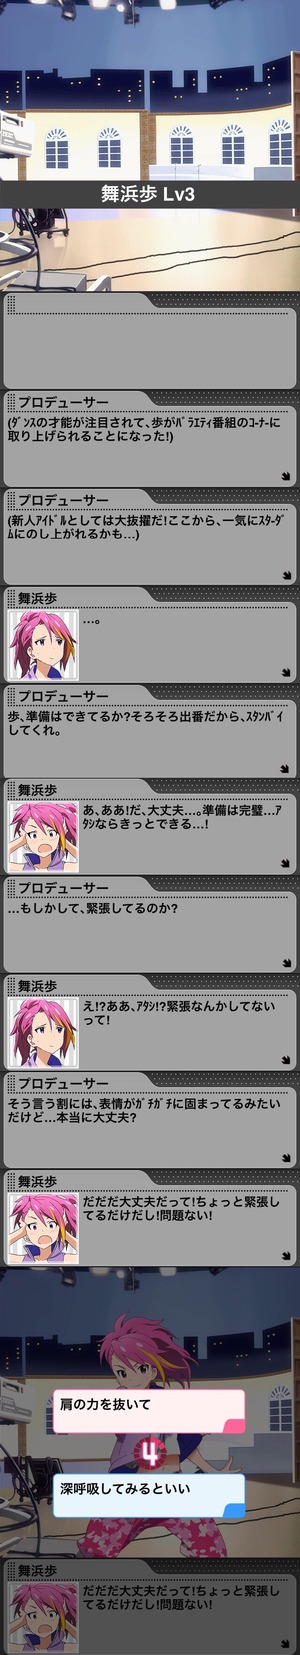 舞浜歩アイドルストーリーLv3_2